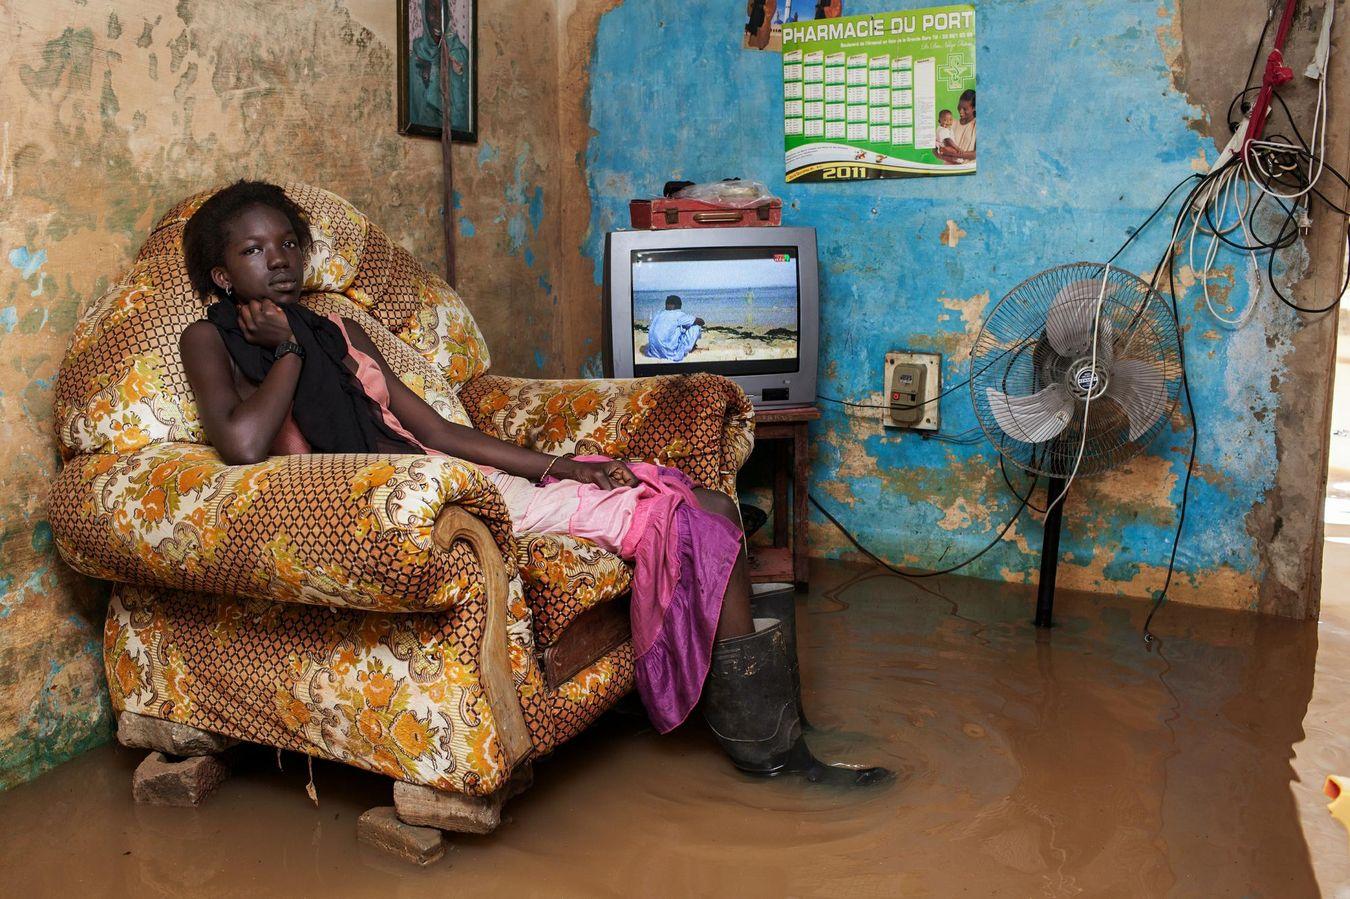 Chaussée de bottes en caoutchouc, Fanta, 18 ans, une habitante de Thiaroye, attend patiemment que l'eau se retire. A la recherche d'un travail, ils sont de plus en plus nombreux à quitter la campagne et à venir s'installer à la périphérie de la capitale.